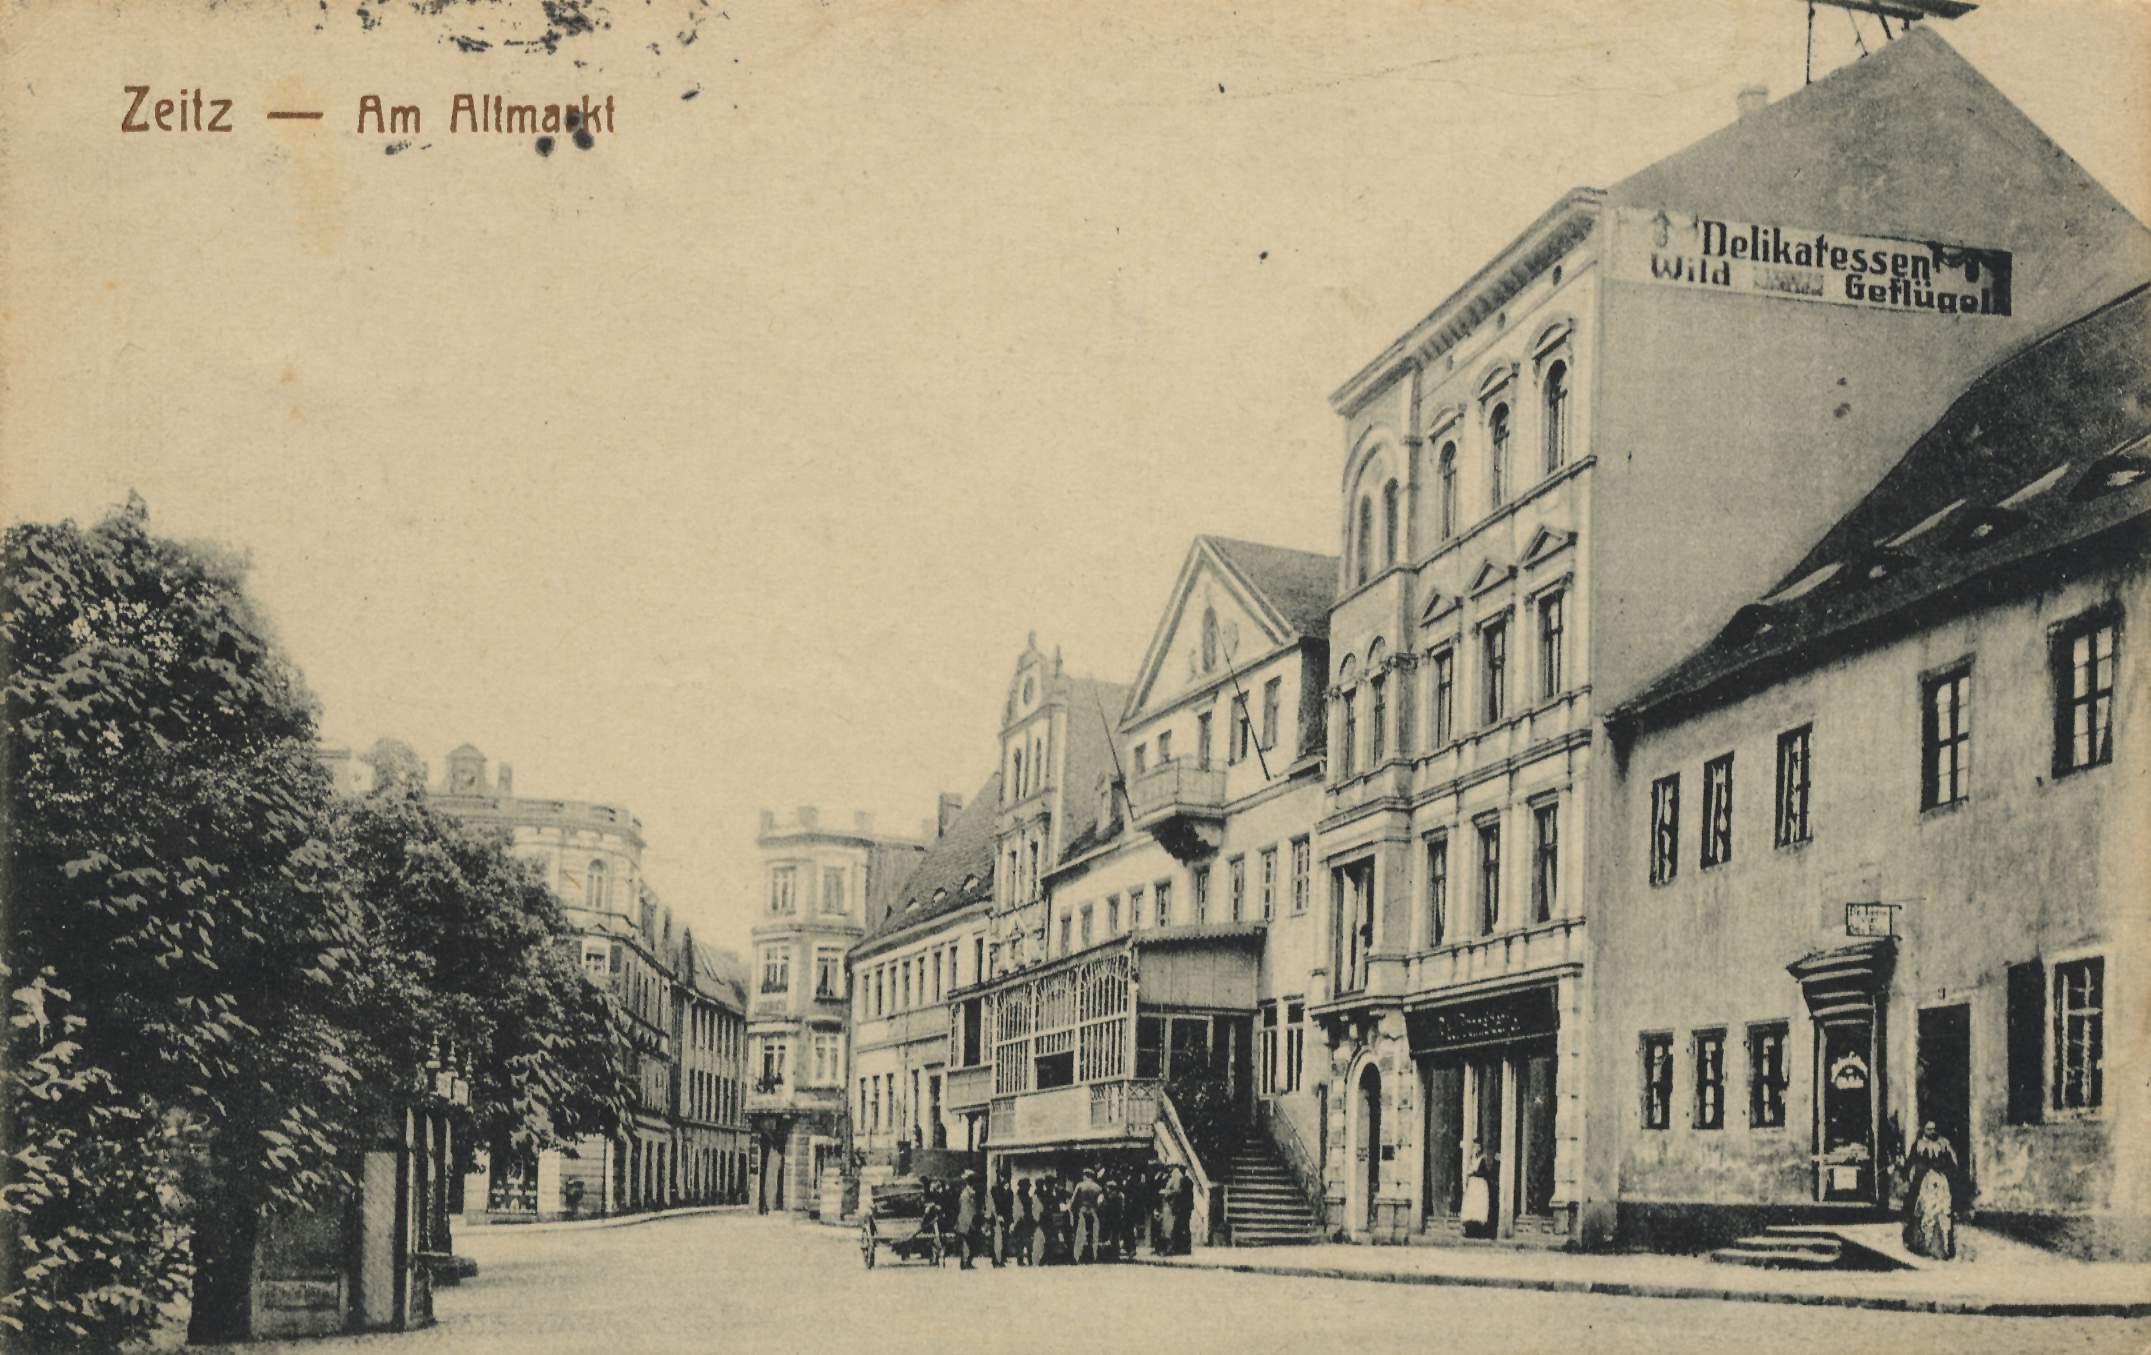 Zeitz, Sachsen-Anhalt, Am Altmarkt - Zeno.org